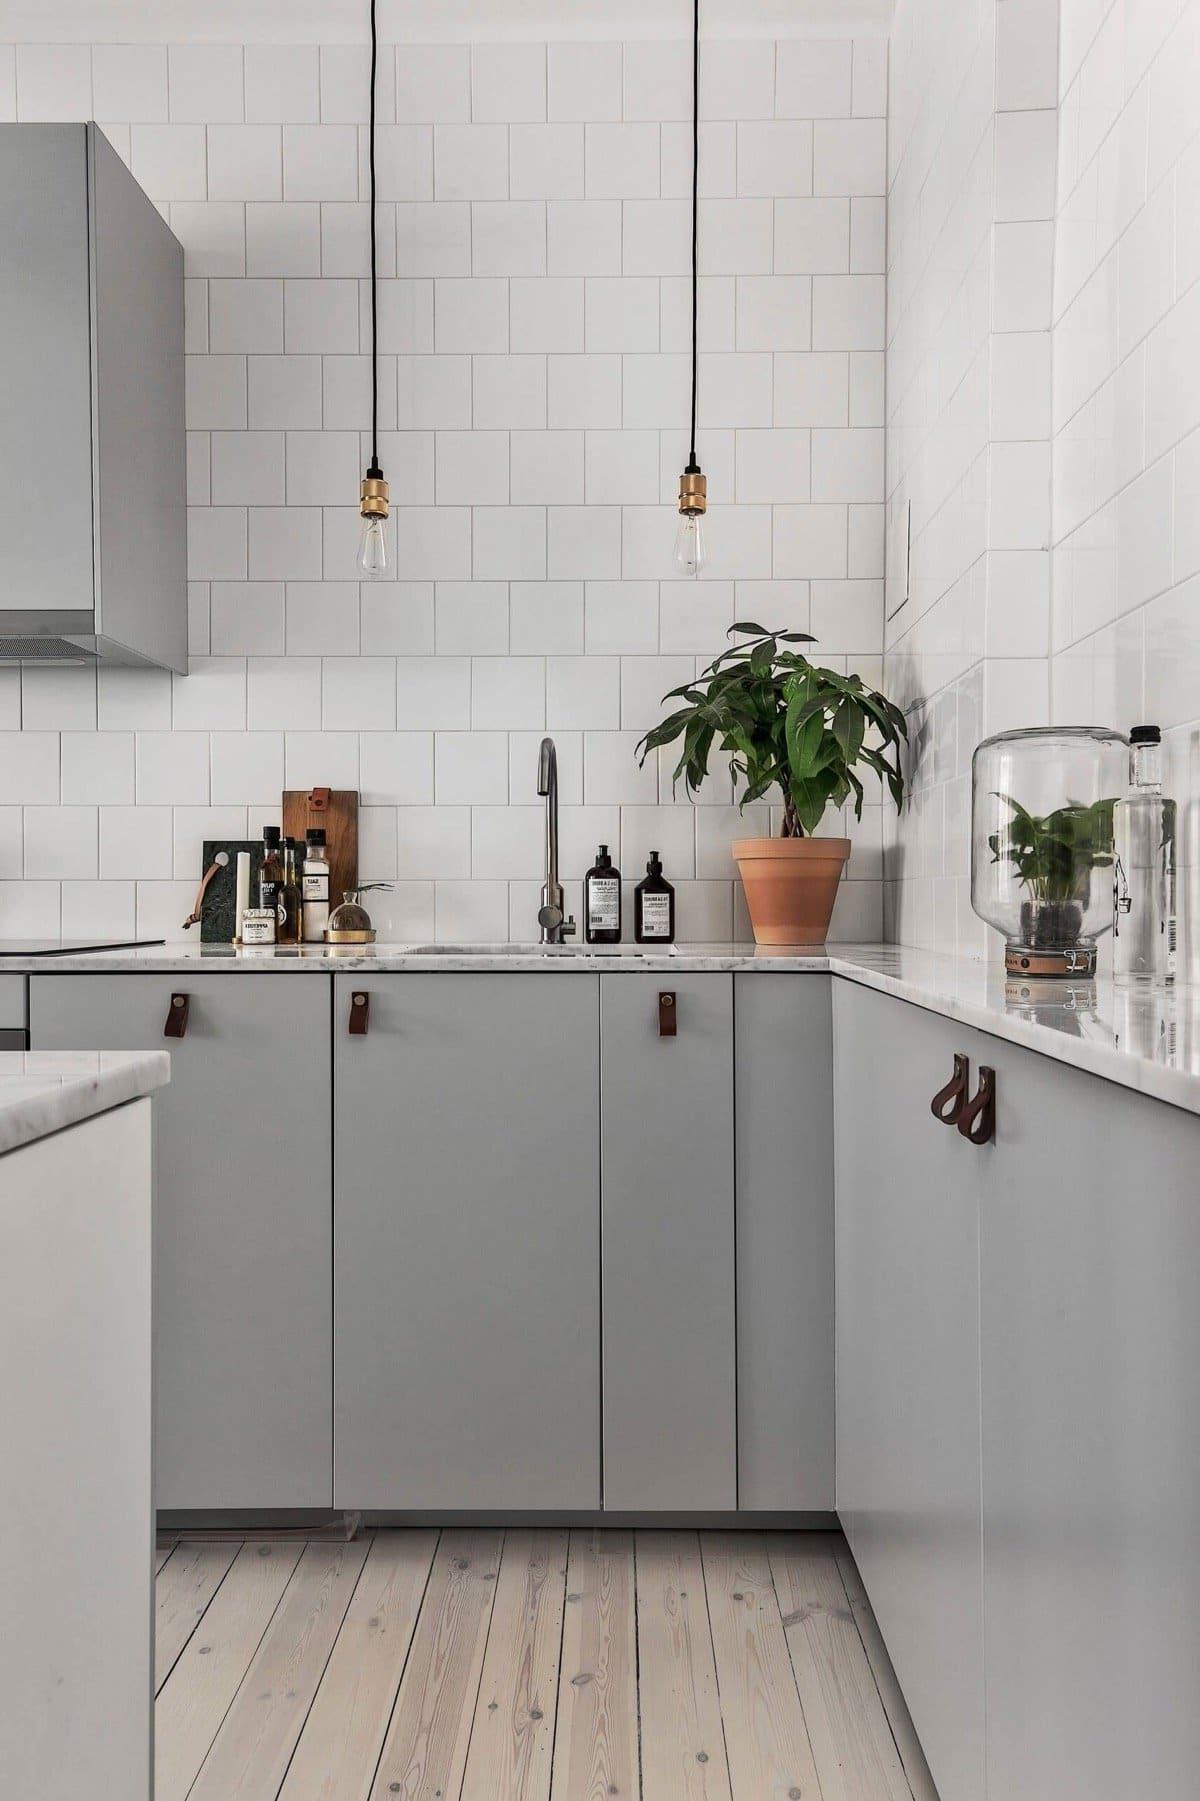 Le concept d'intérieur scandinave gris clair séduira les amateurs de style original, de modestie et de rationalisme.